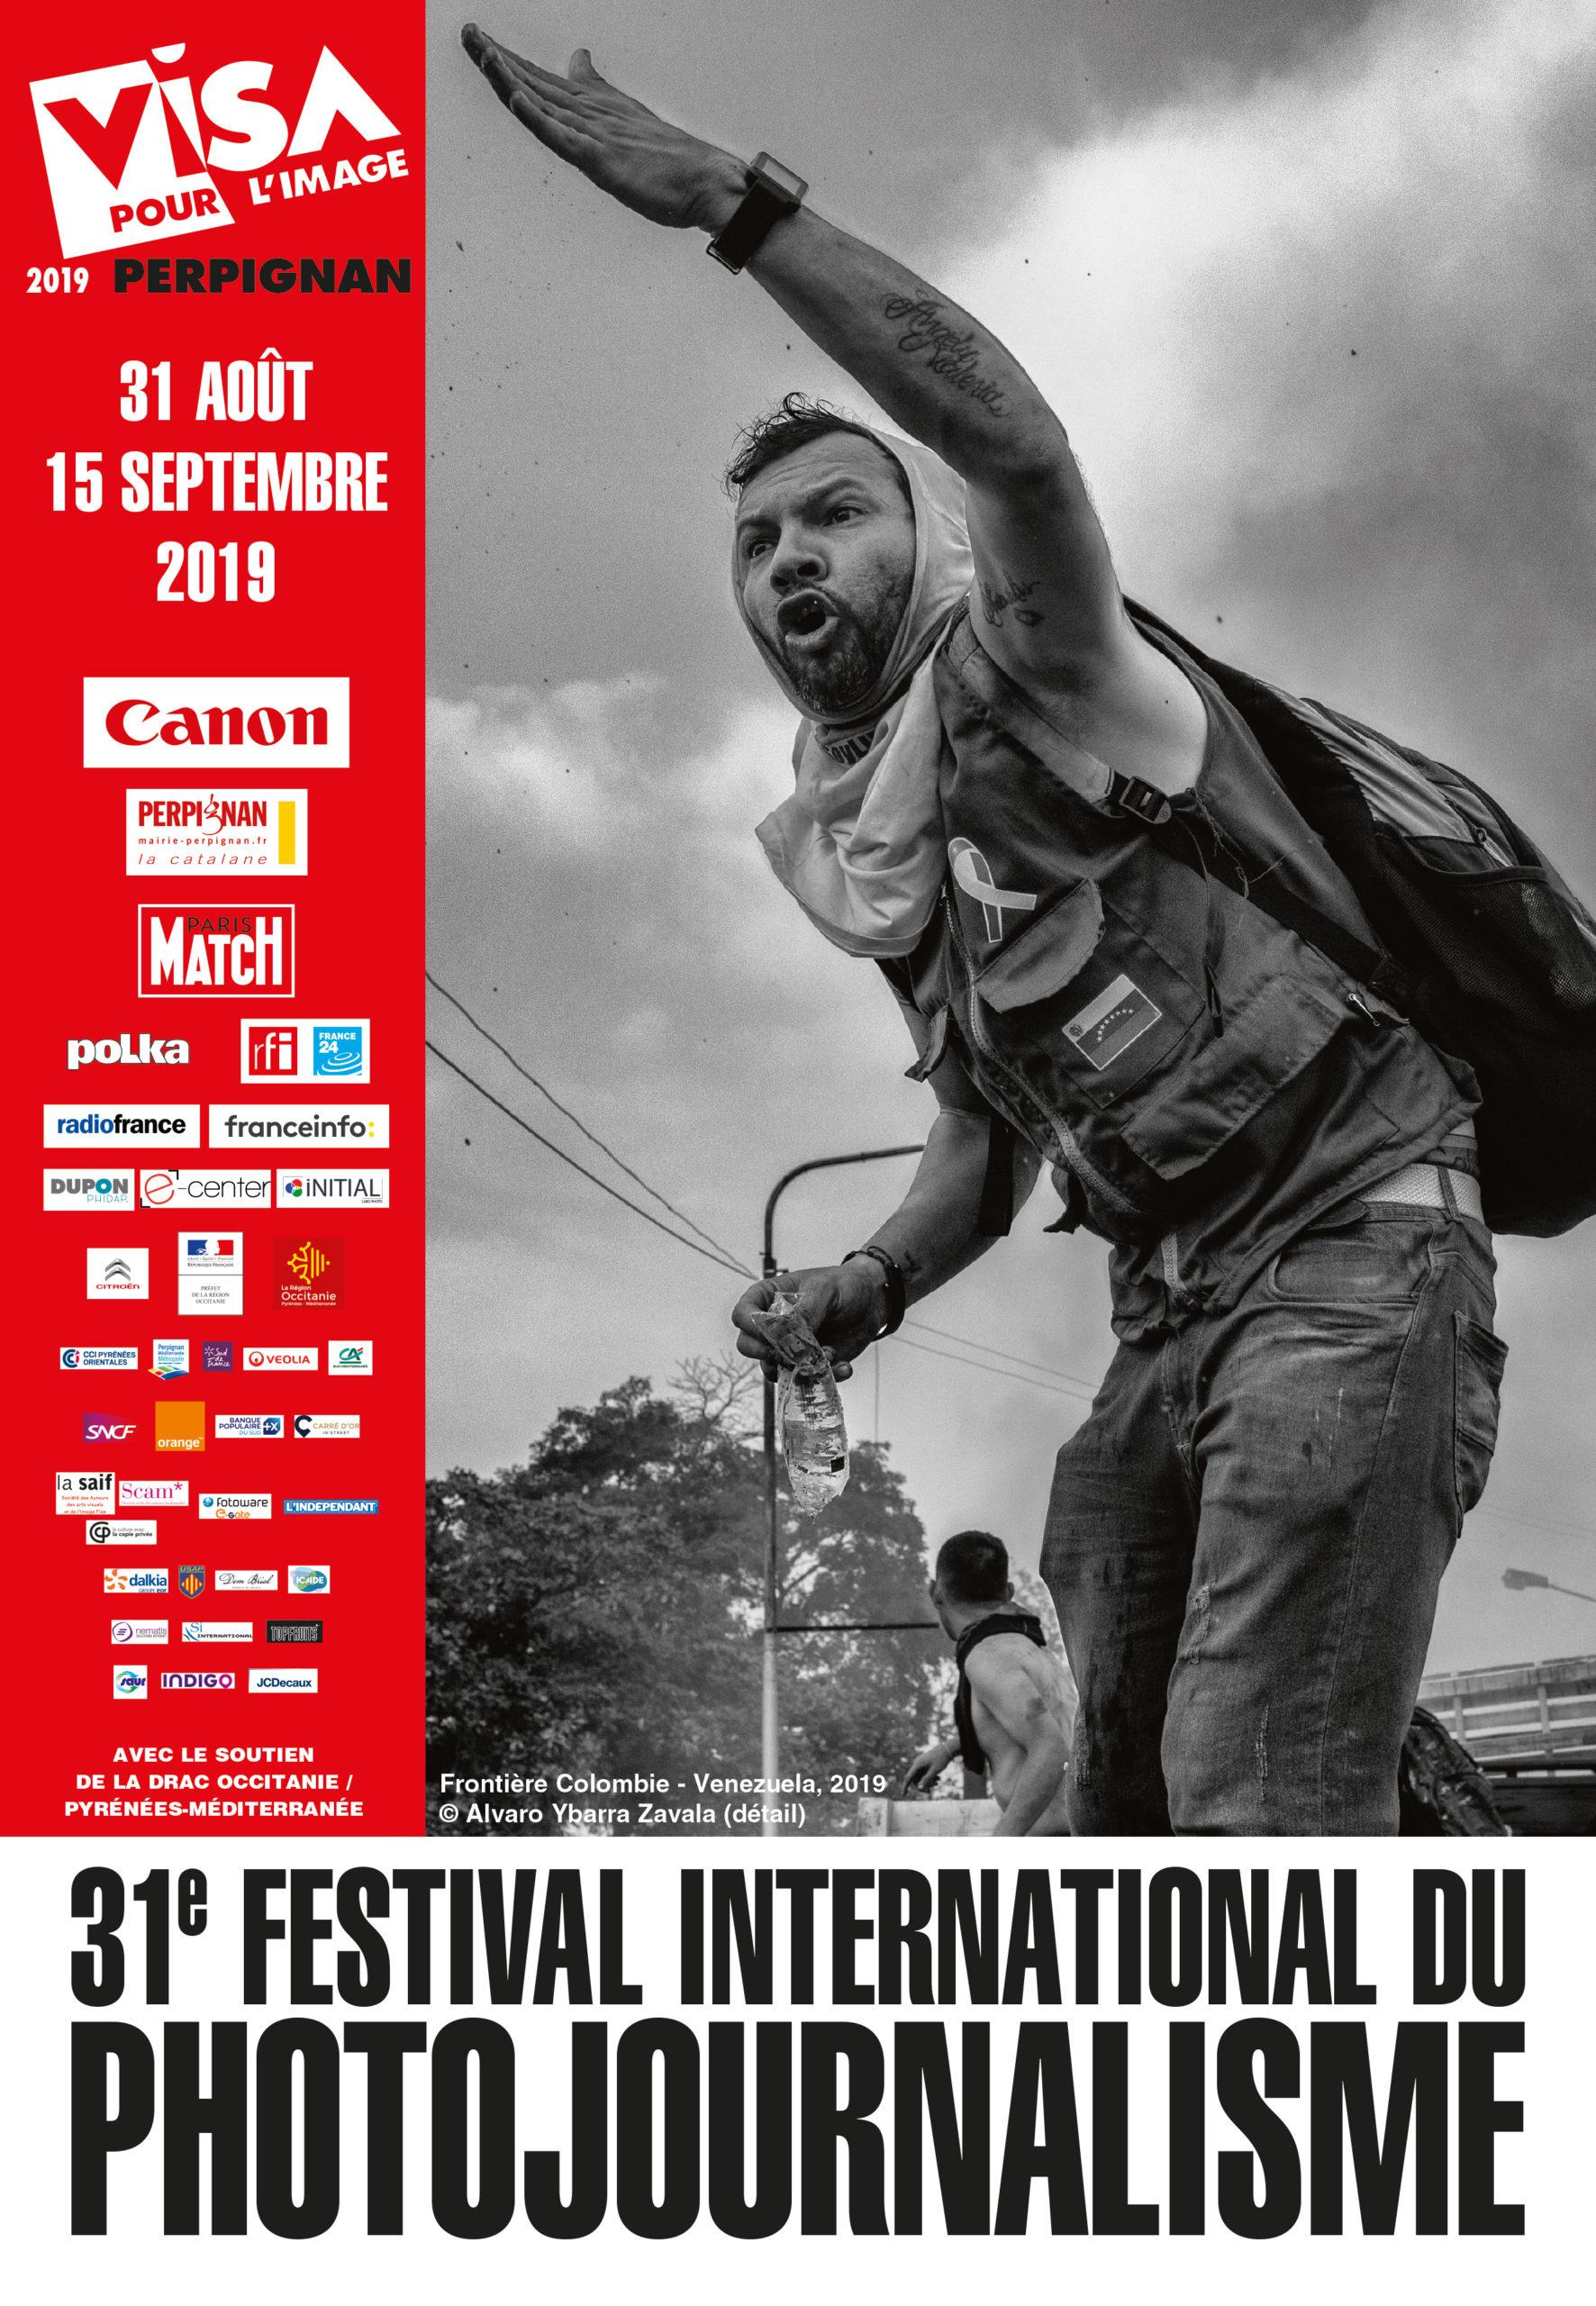 Affiche du festival international du photojournalisme, Visa pour l'image à Perpignan